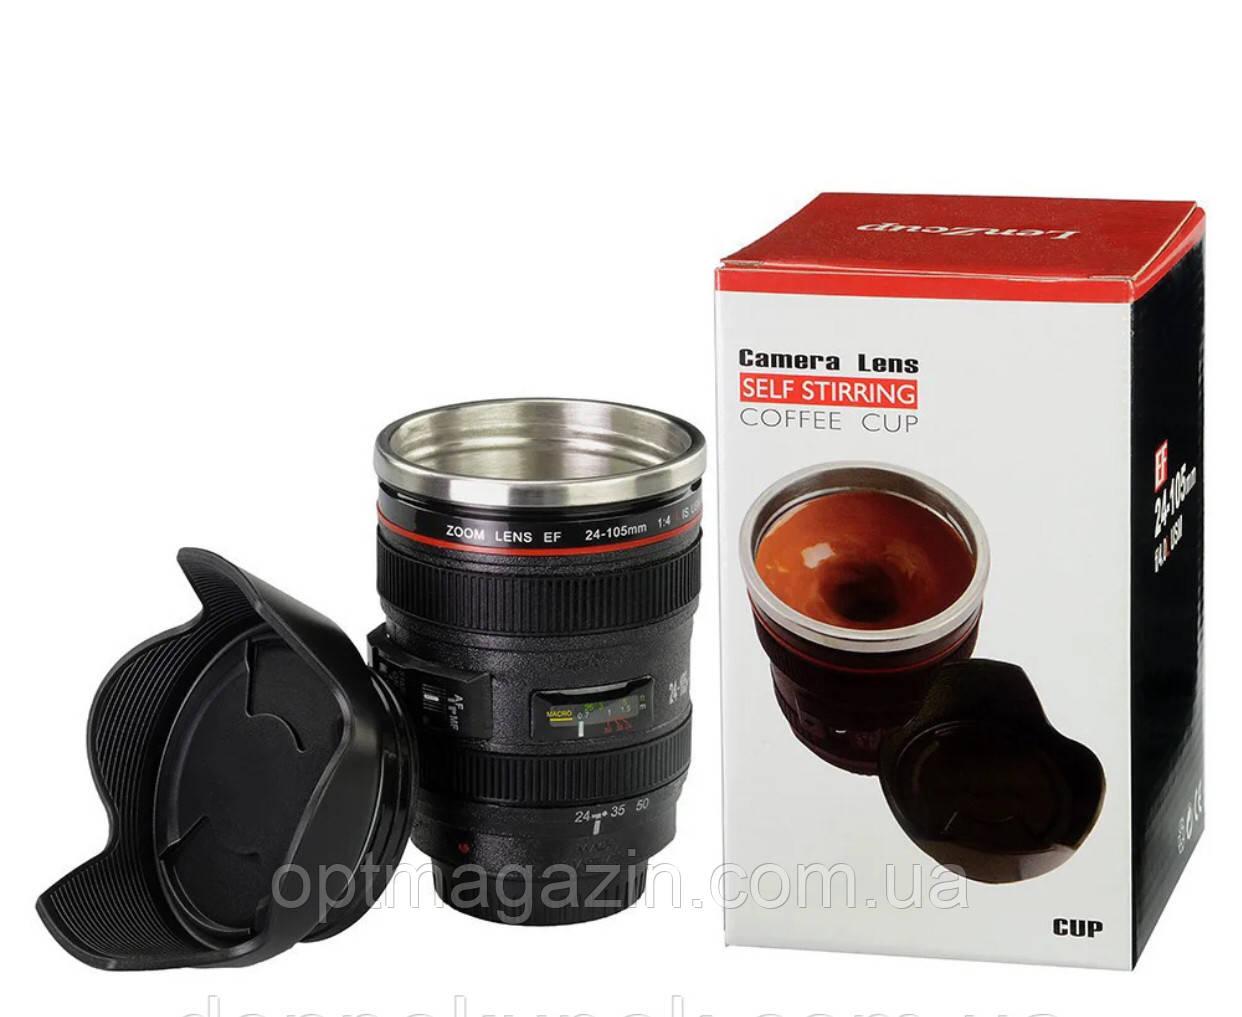 Кружка-термос у вигляді об'єктива Cup camera lens